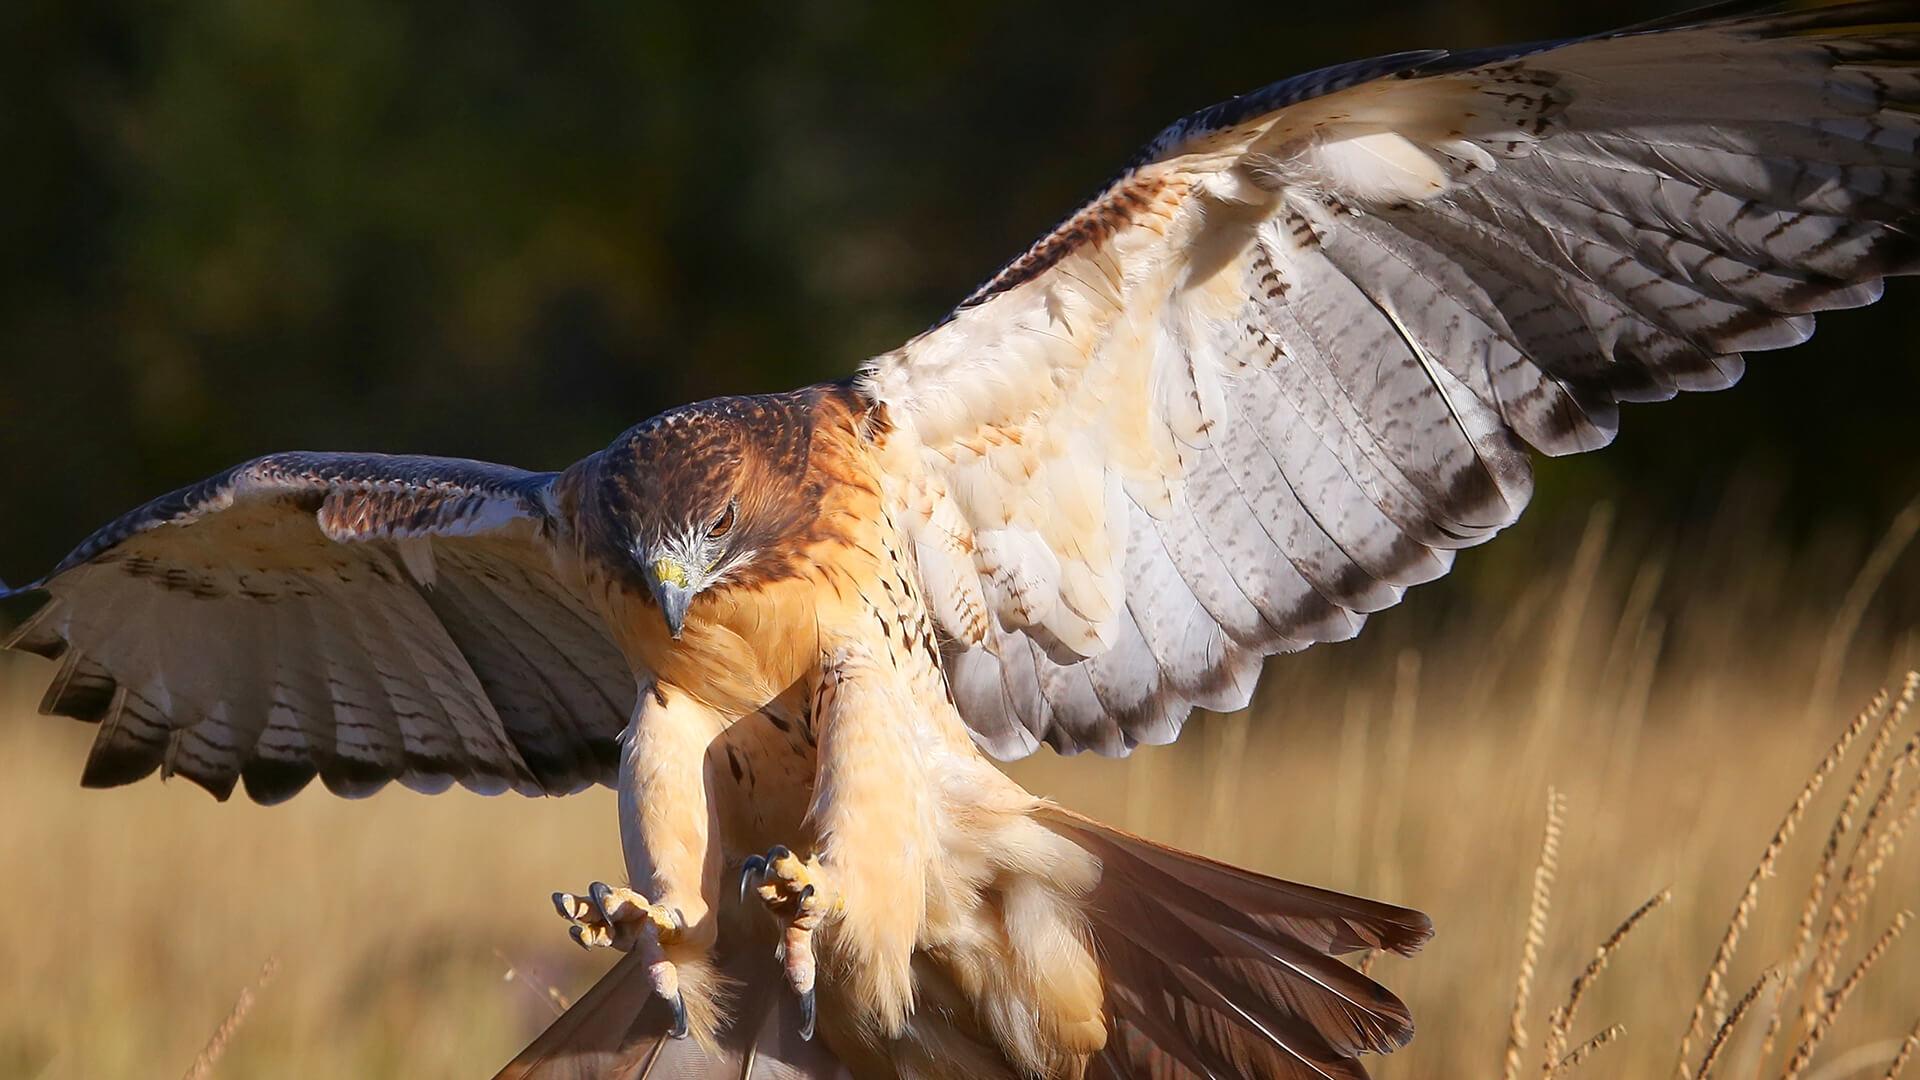 Chicken-Predator-Hawk